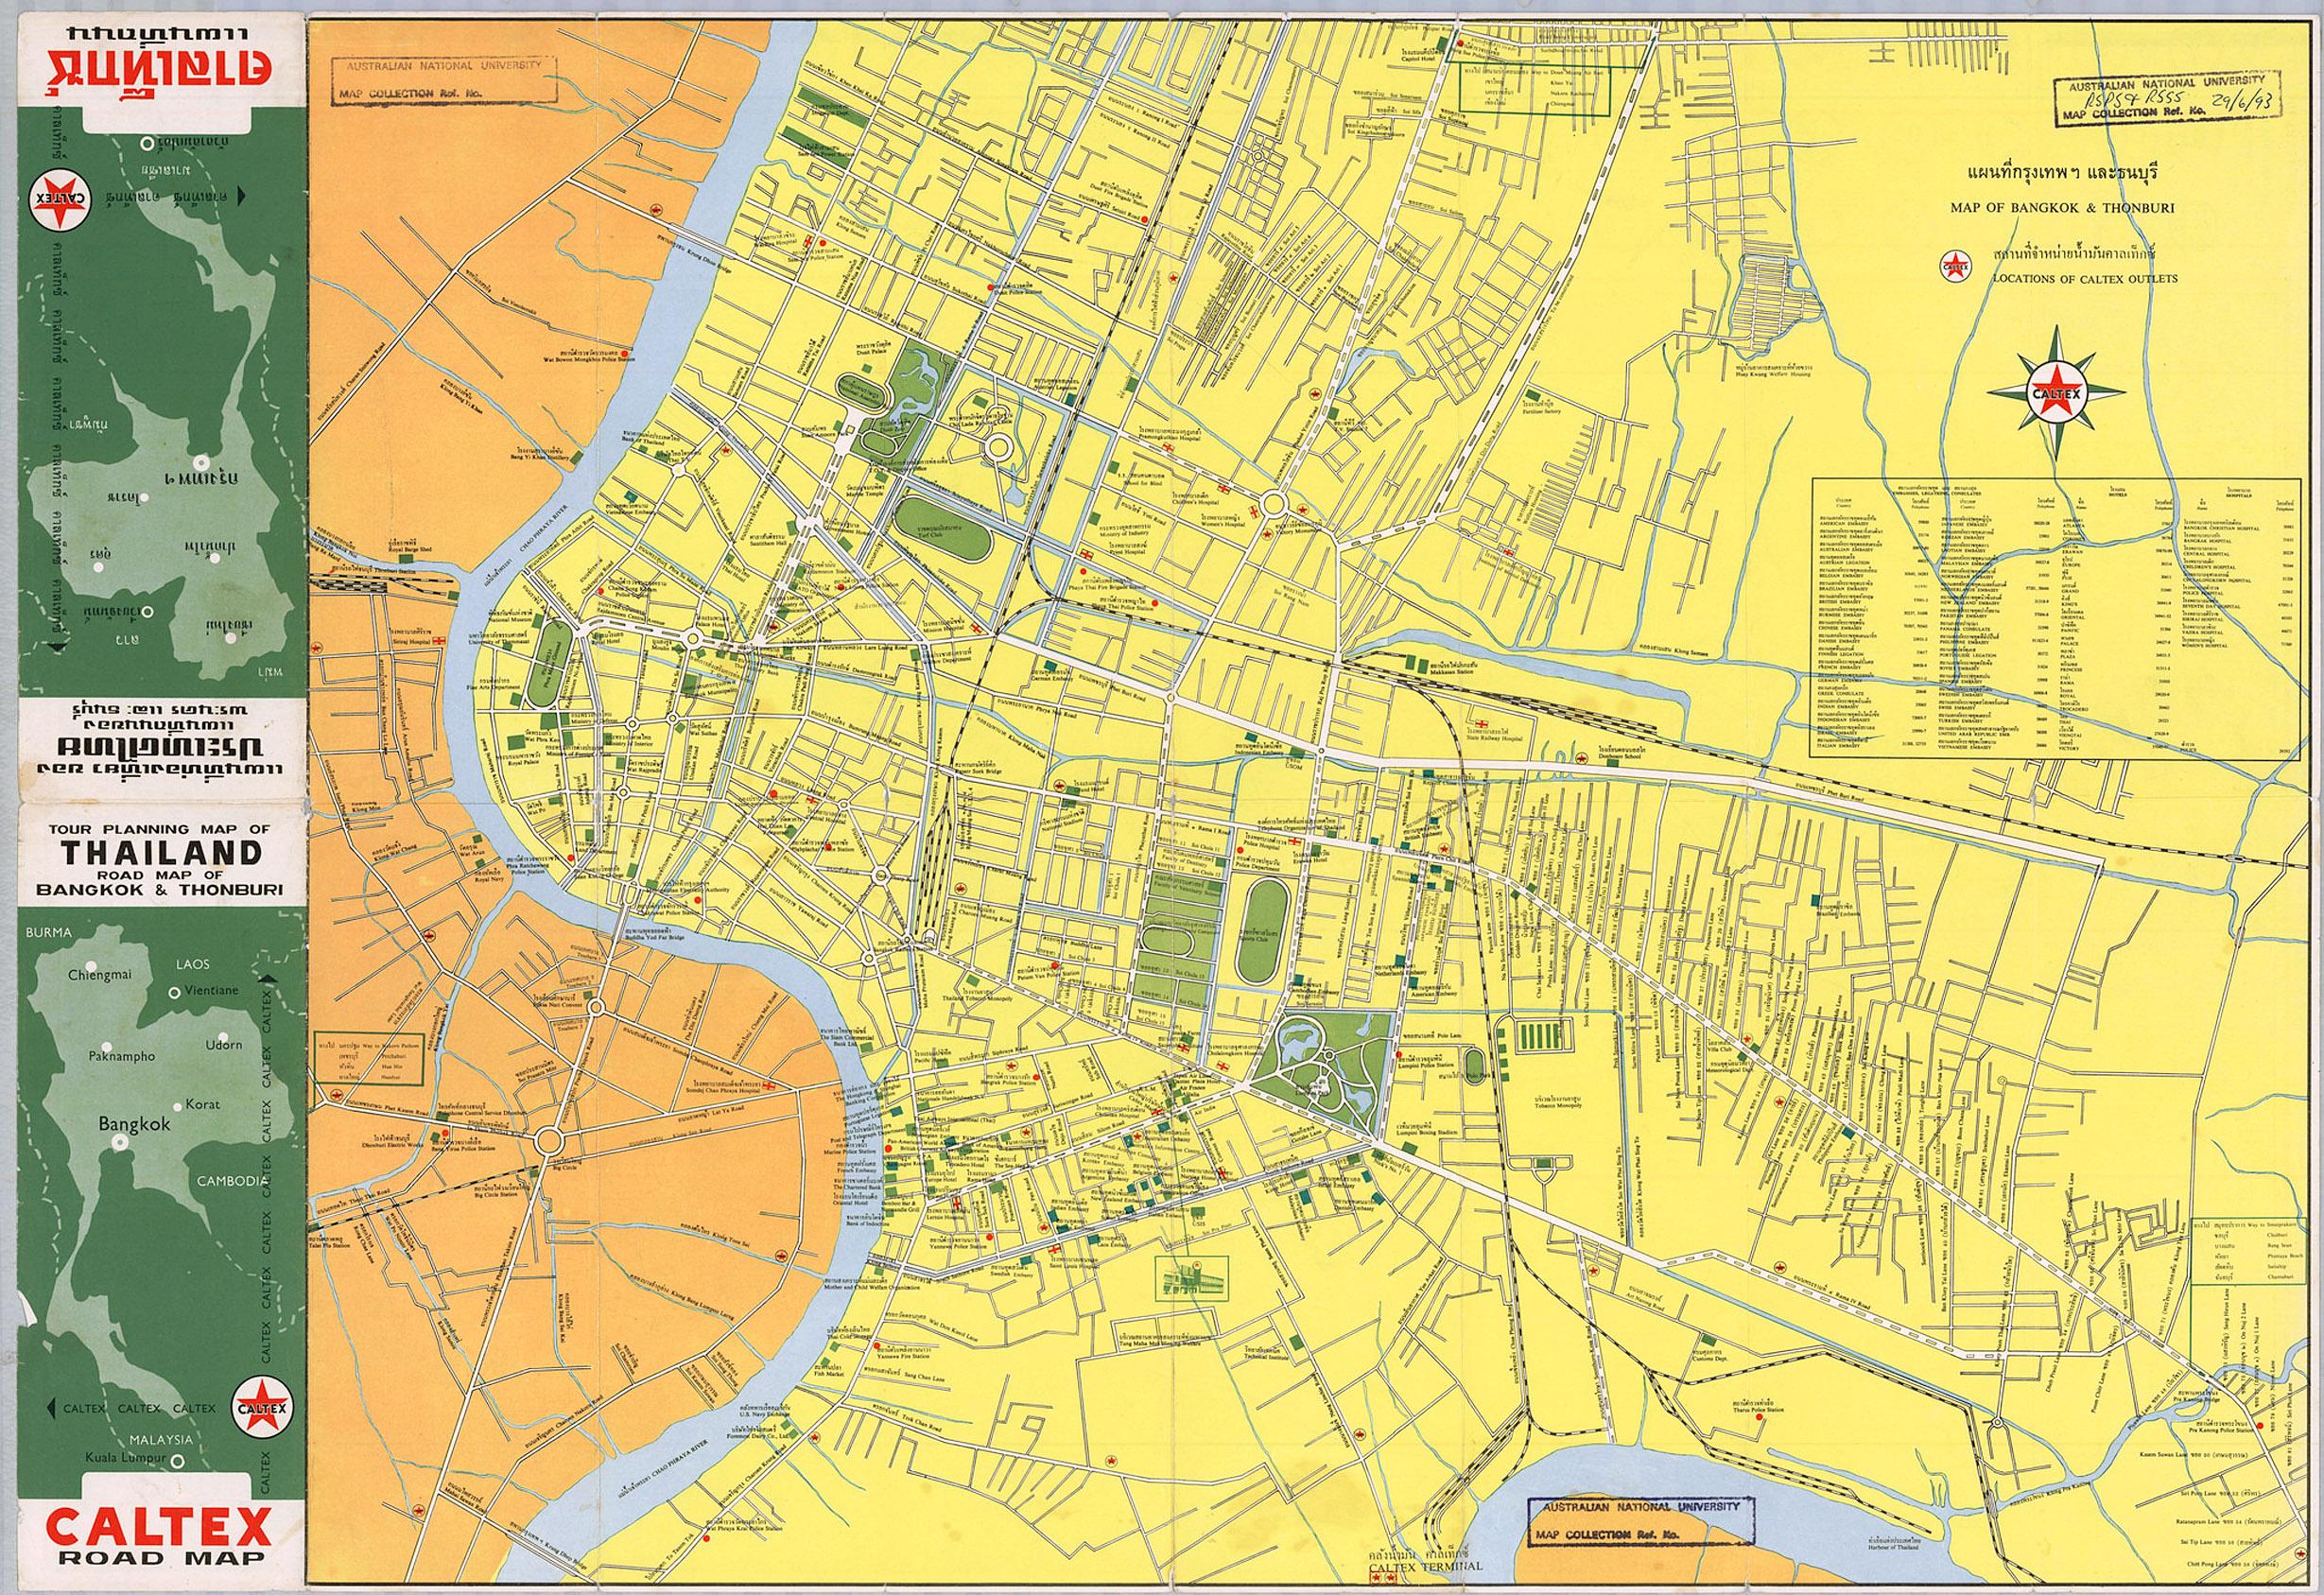 Map of Bangkok in 1965 - Caltex.jpg